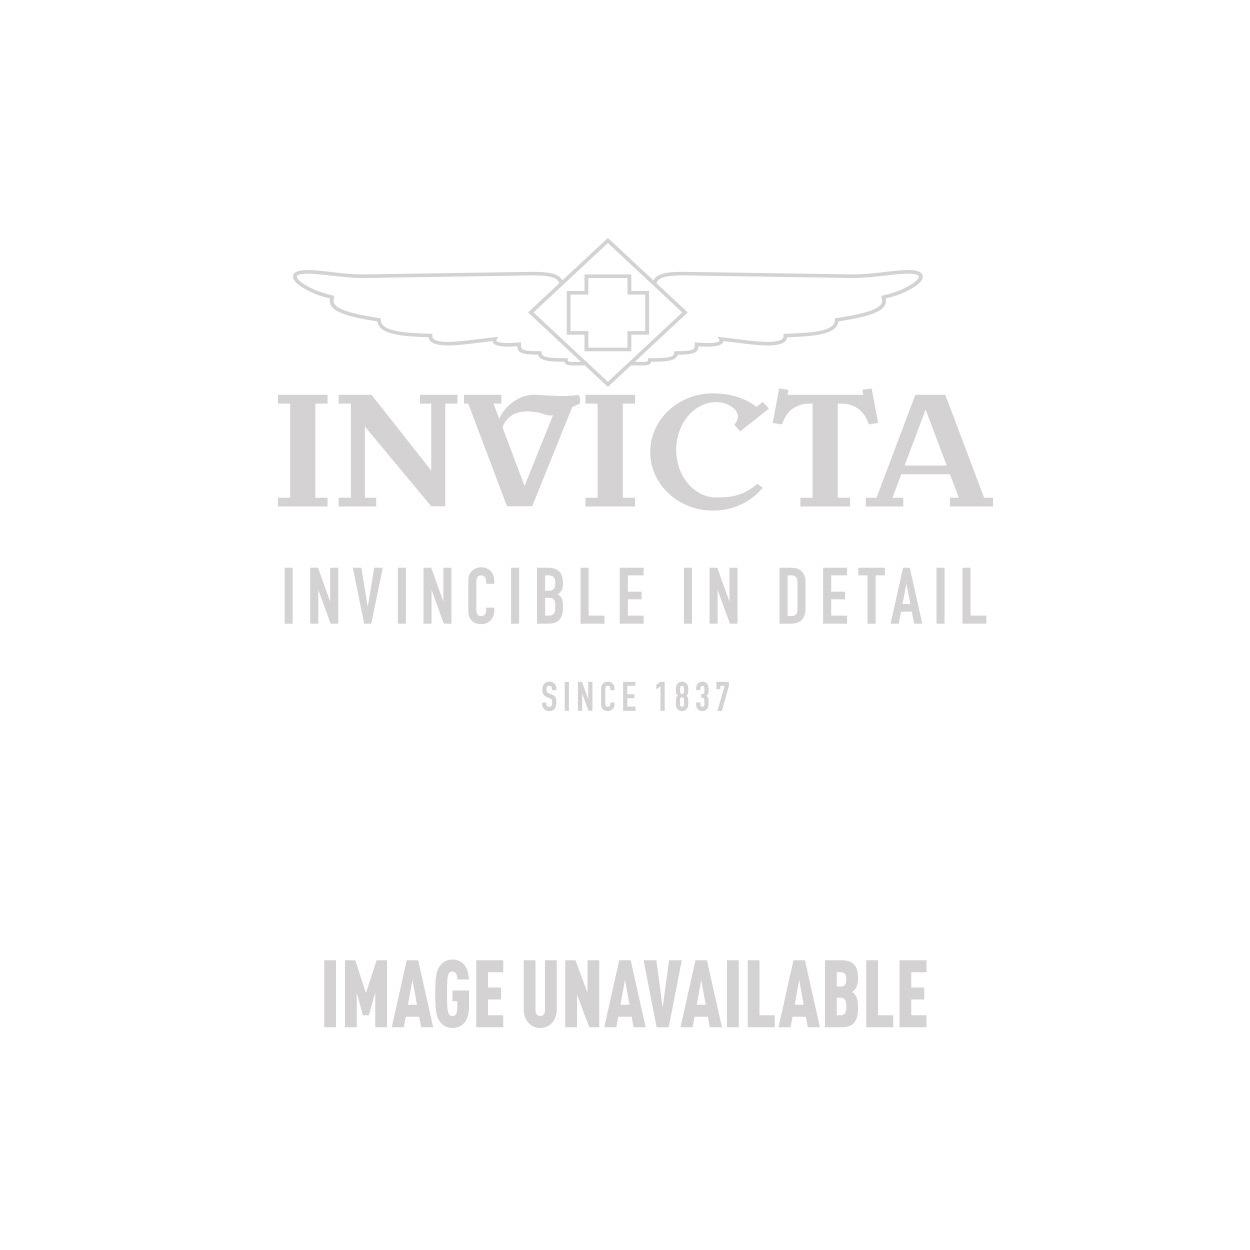 Invicta Model 23925